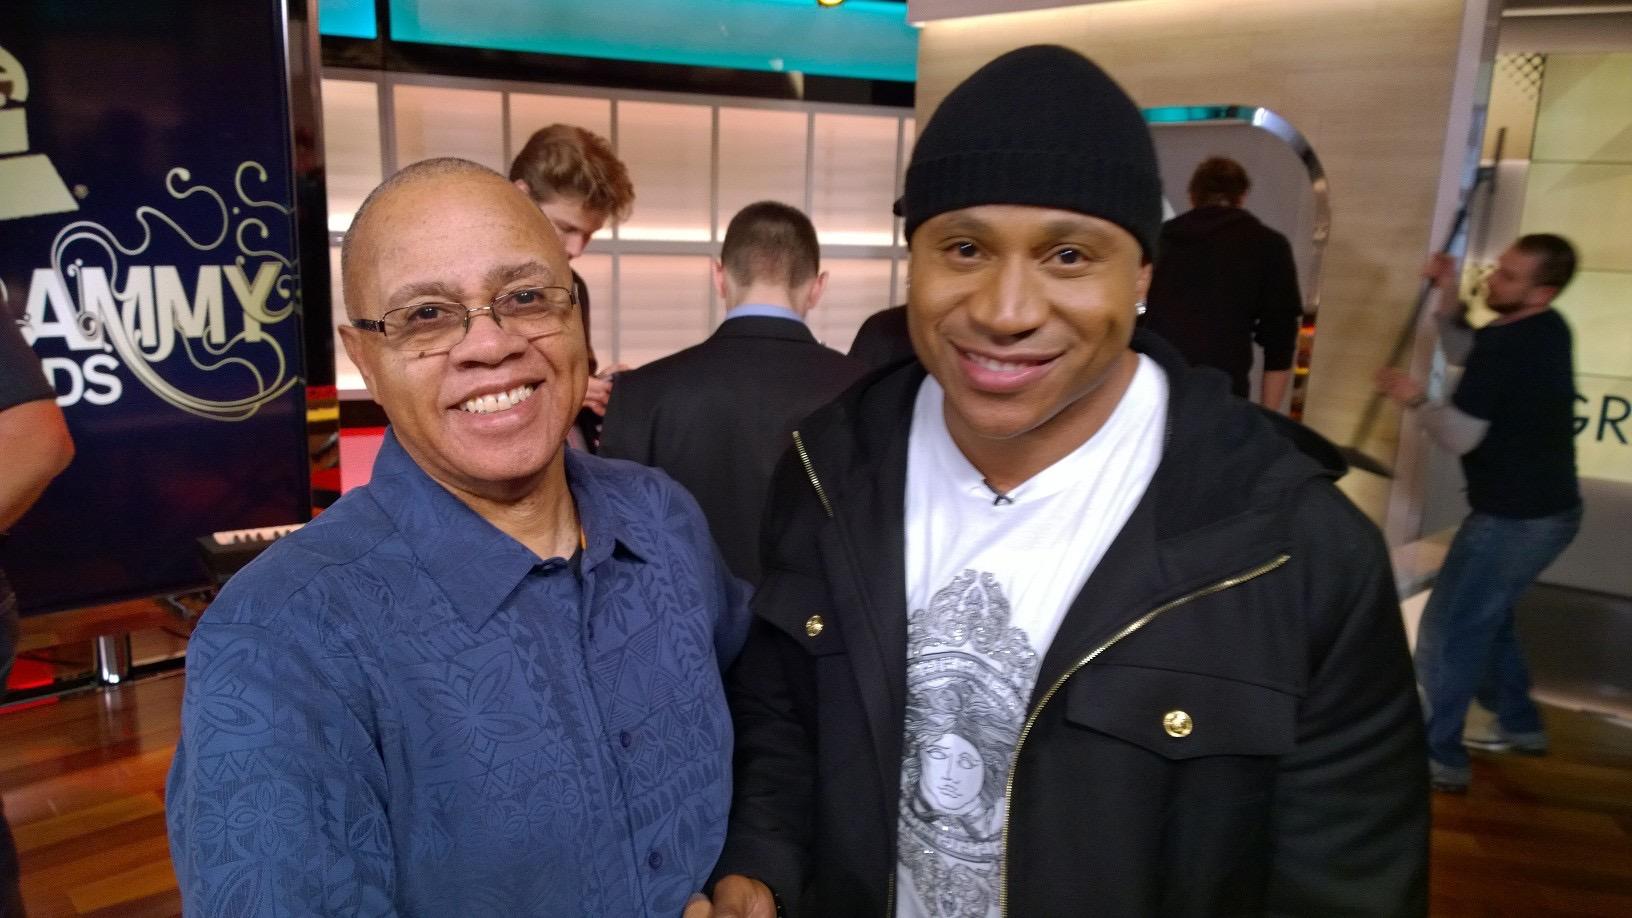 David & LL Cool J